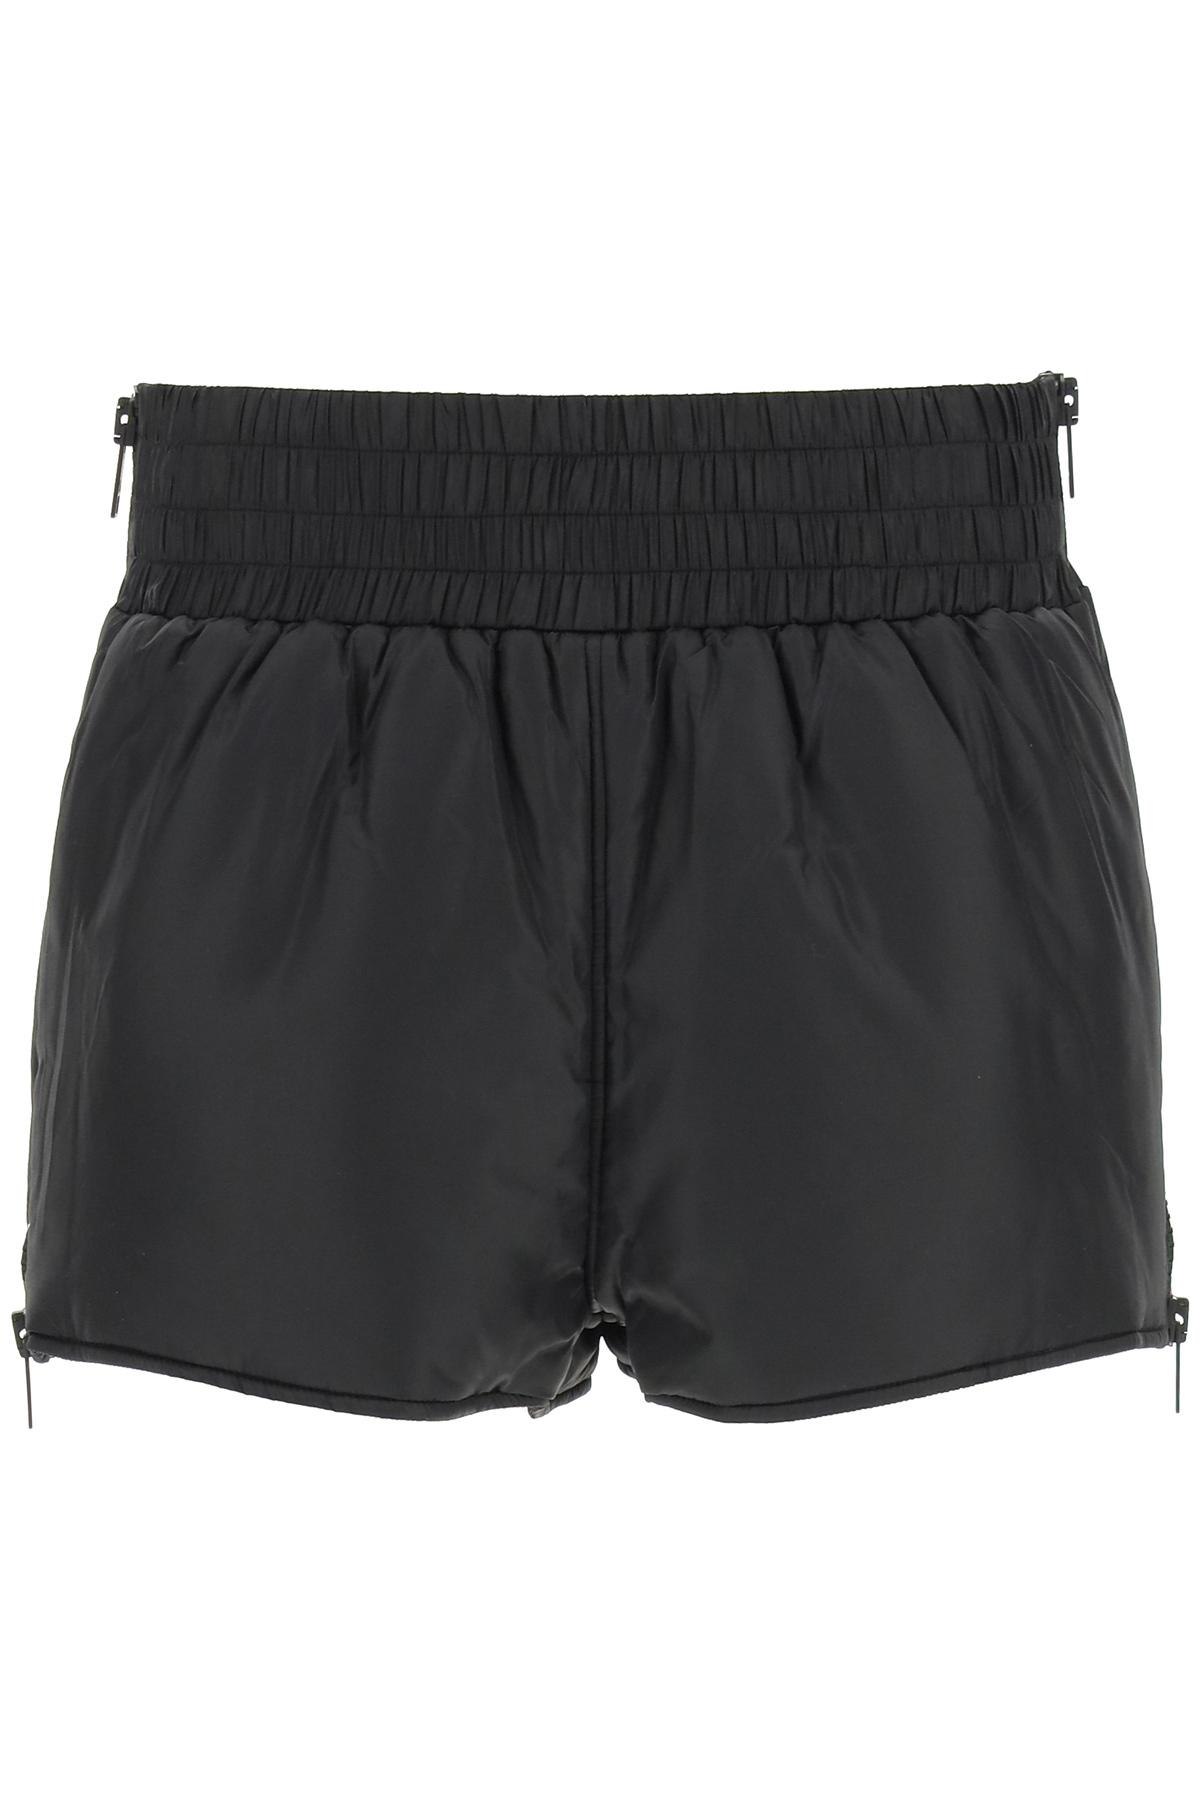 Red valentino shorts in nylon